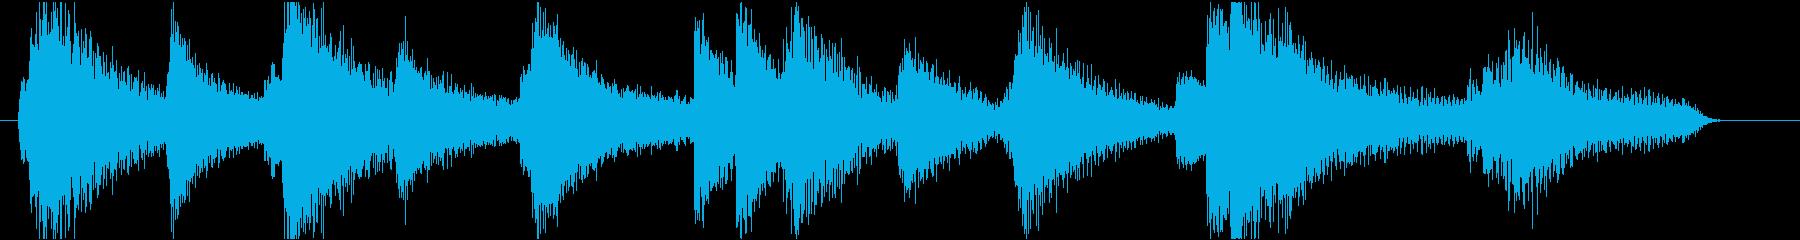 ムードあるピアノのジングル1(12秒)の再生済みの波形